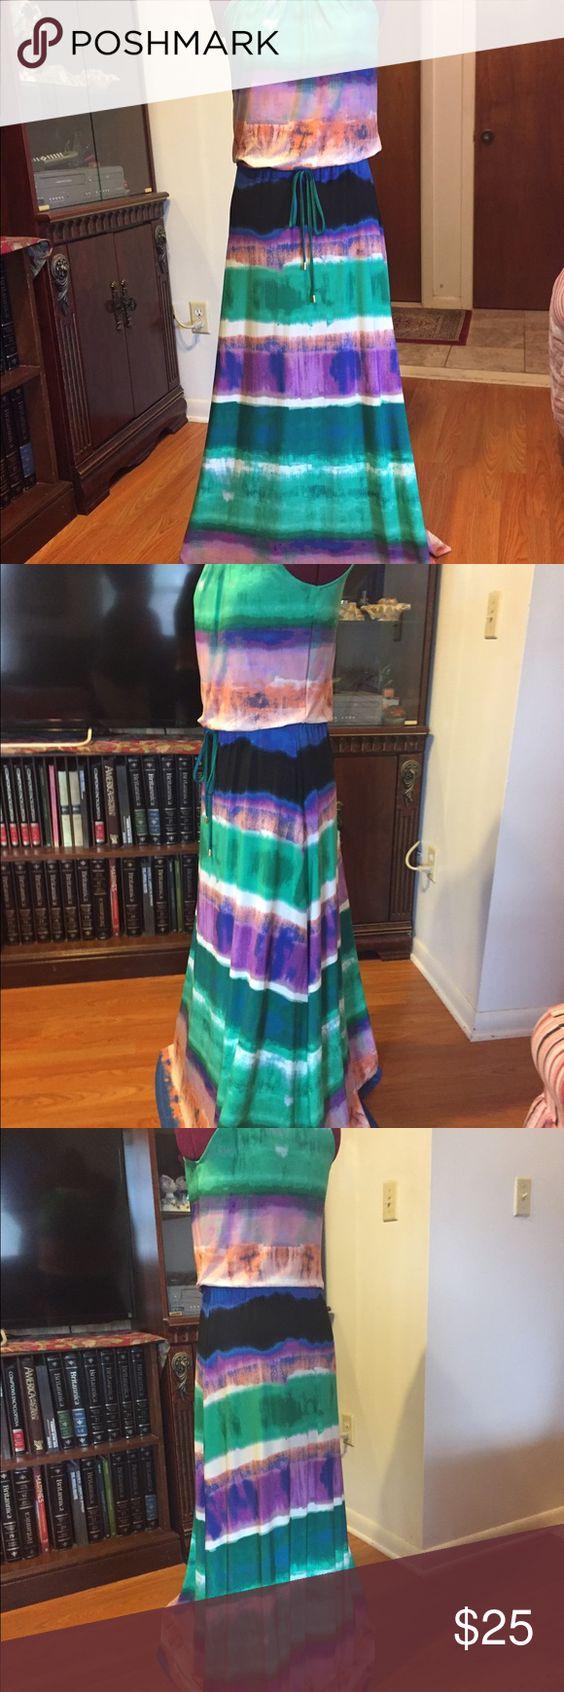 Calvin Klein dress Calvin Klein purple green and white stripe dress size XS asking price $25.09 Calvin Klein Dresses Mini